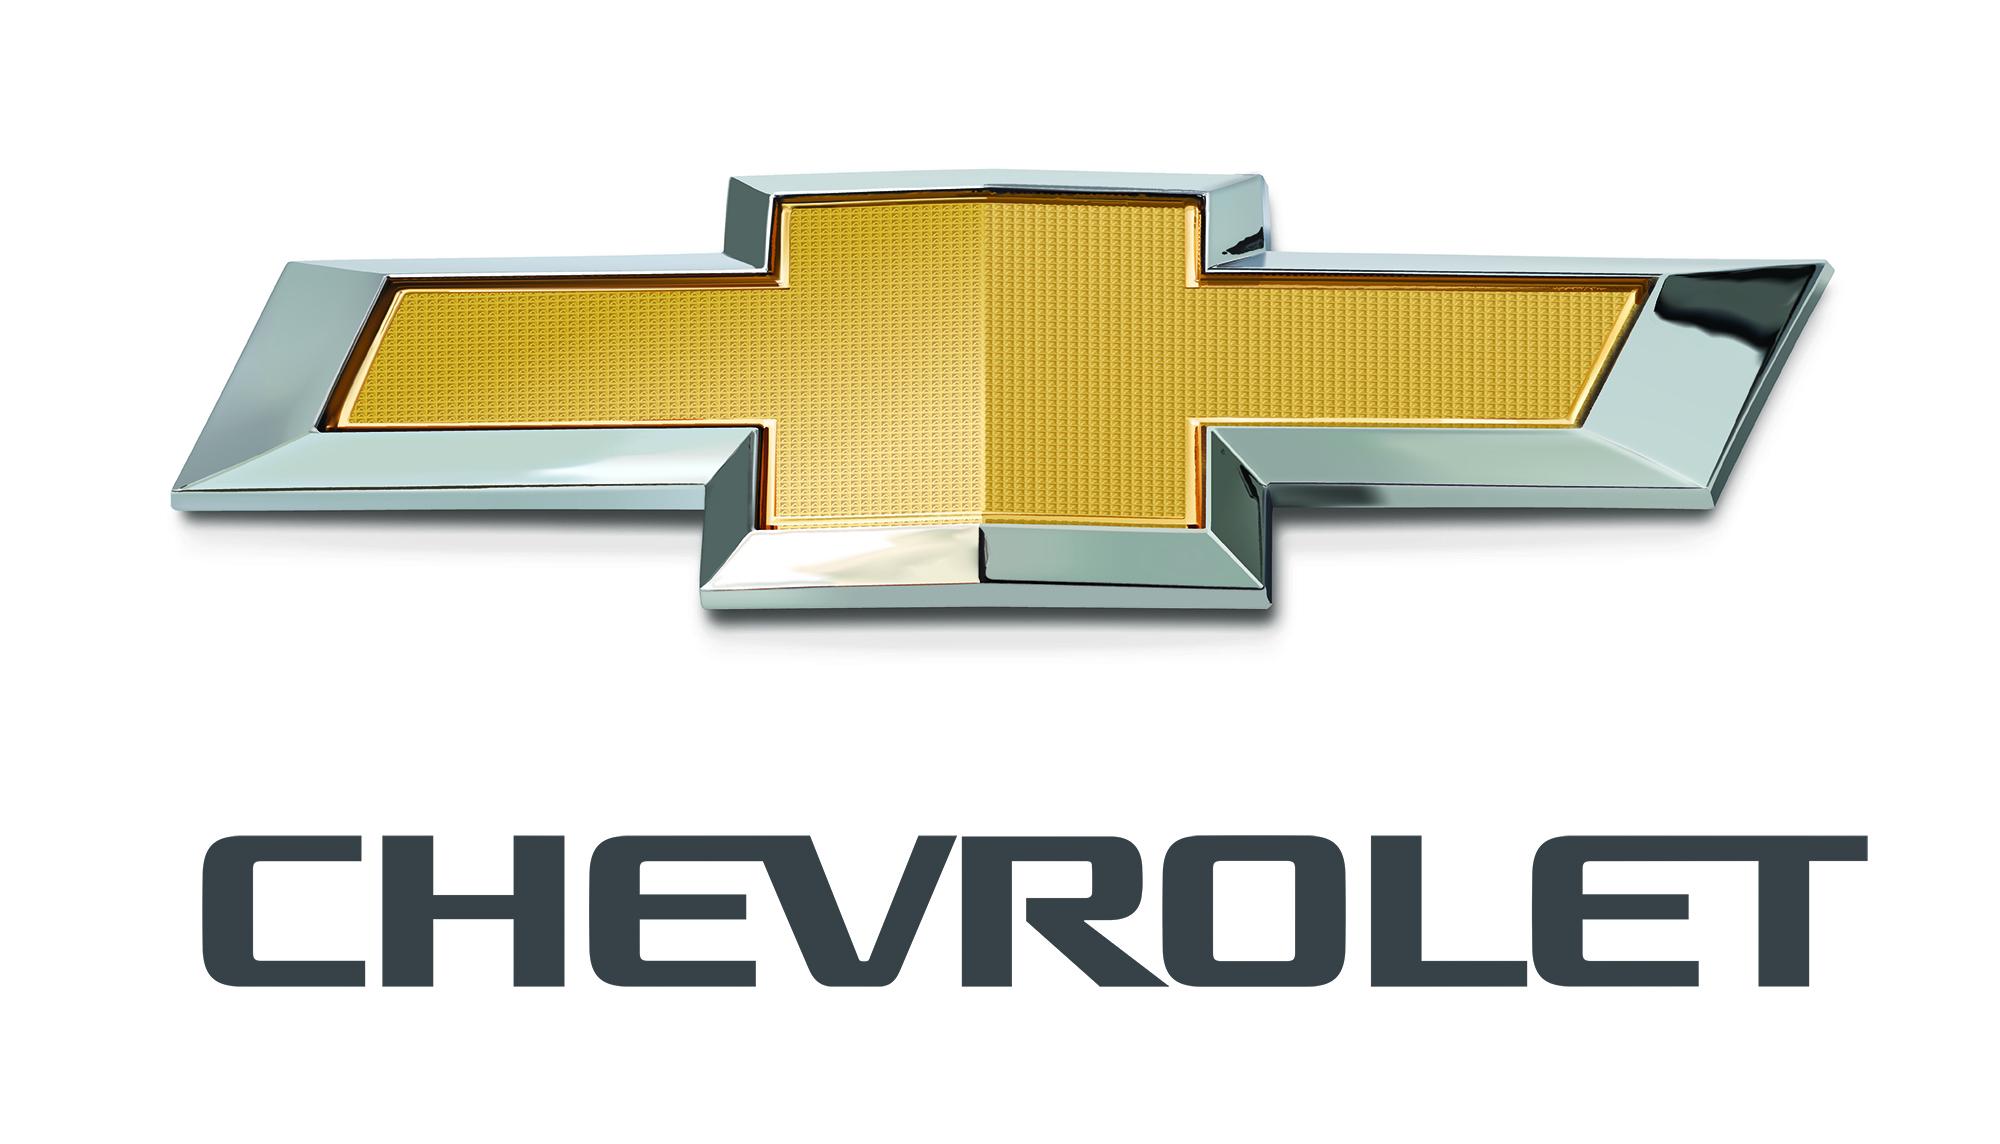 La historia del corbatín de Chevrolet